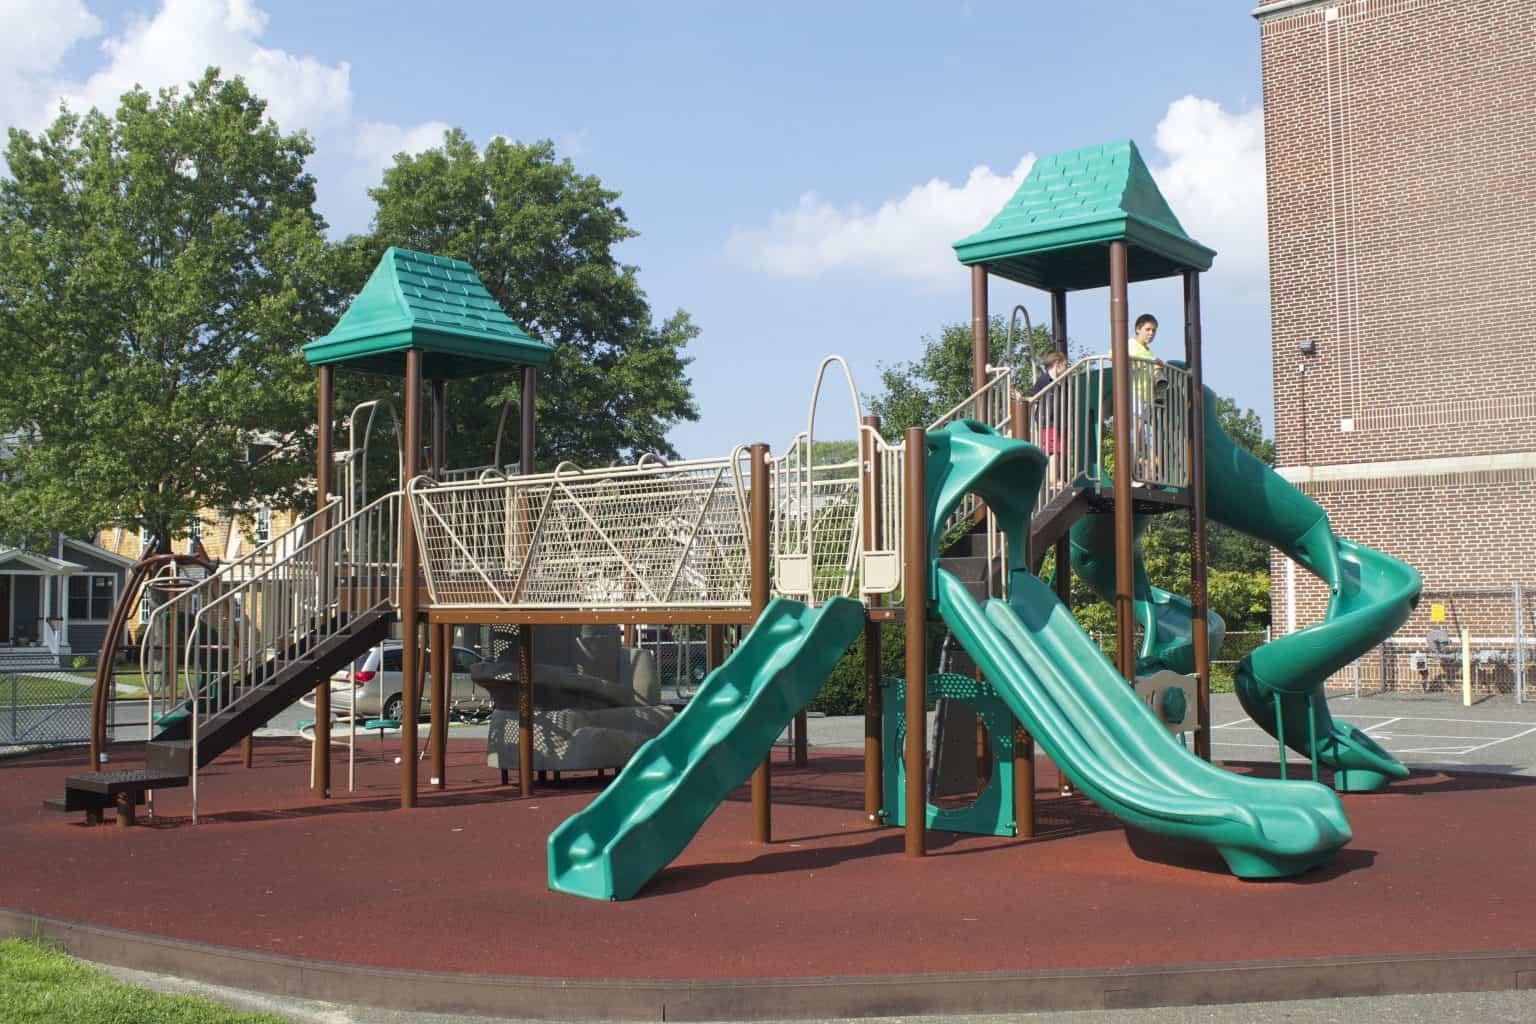 mountz-elementary-playground-spring-lake-nj_11653971263_o-1536x1024